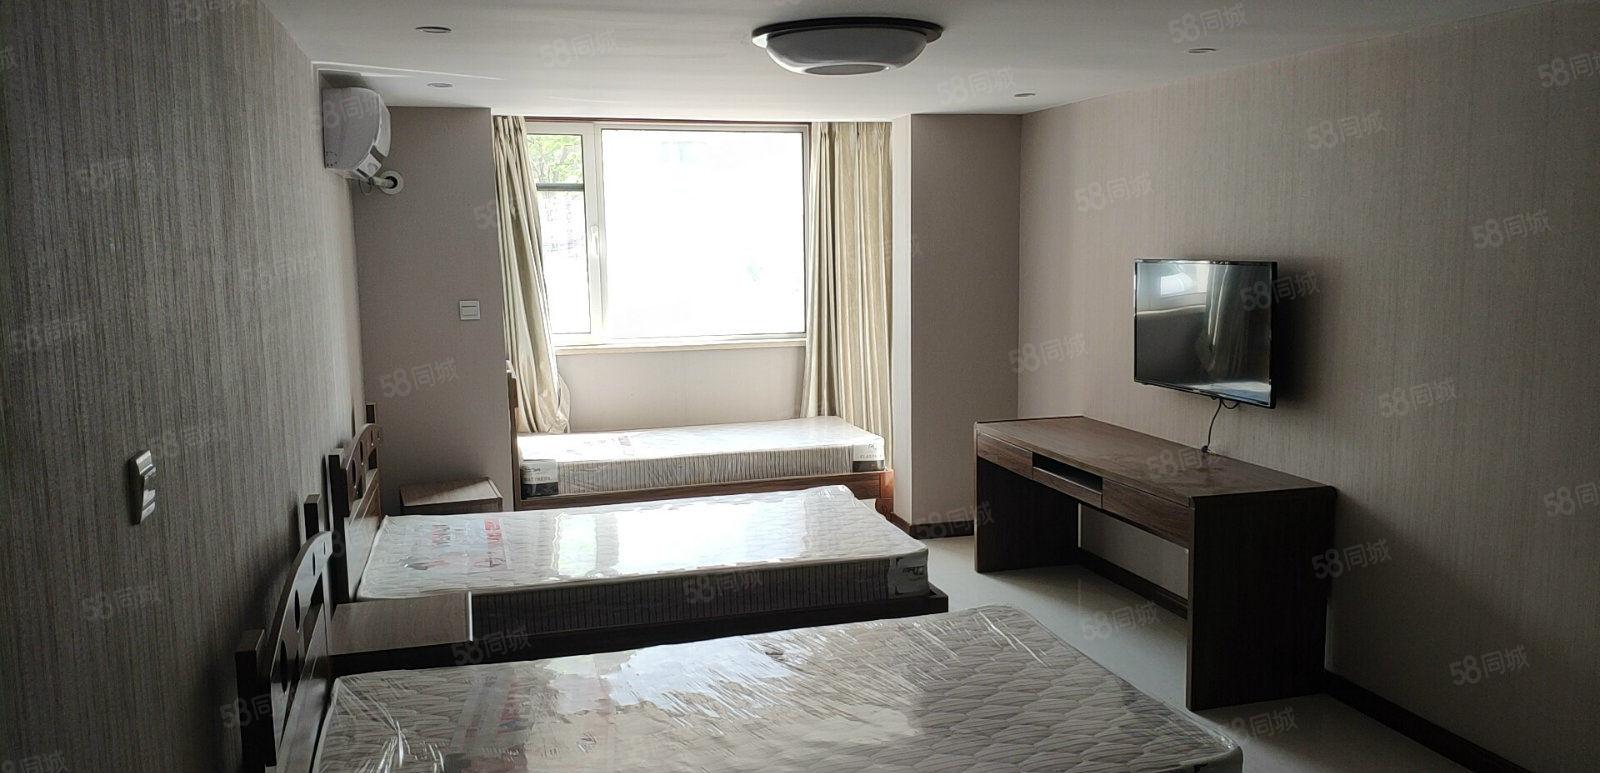 海韻星城70年大產權現房買一層送一層精裝修拎包入住